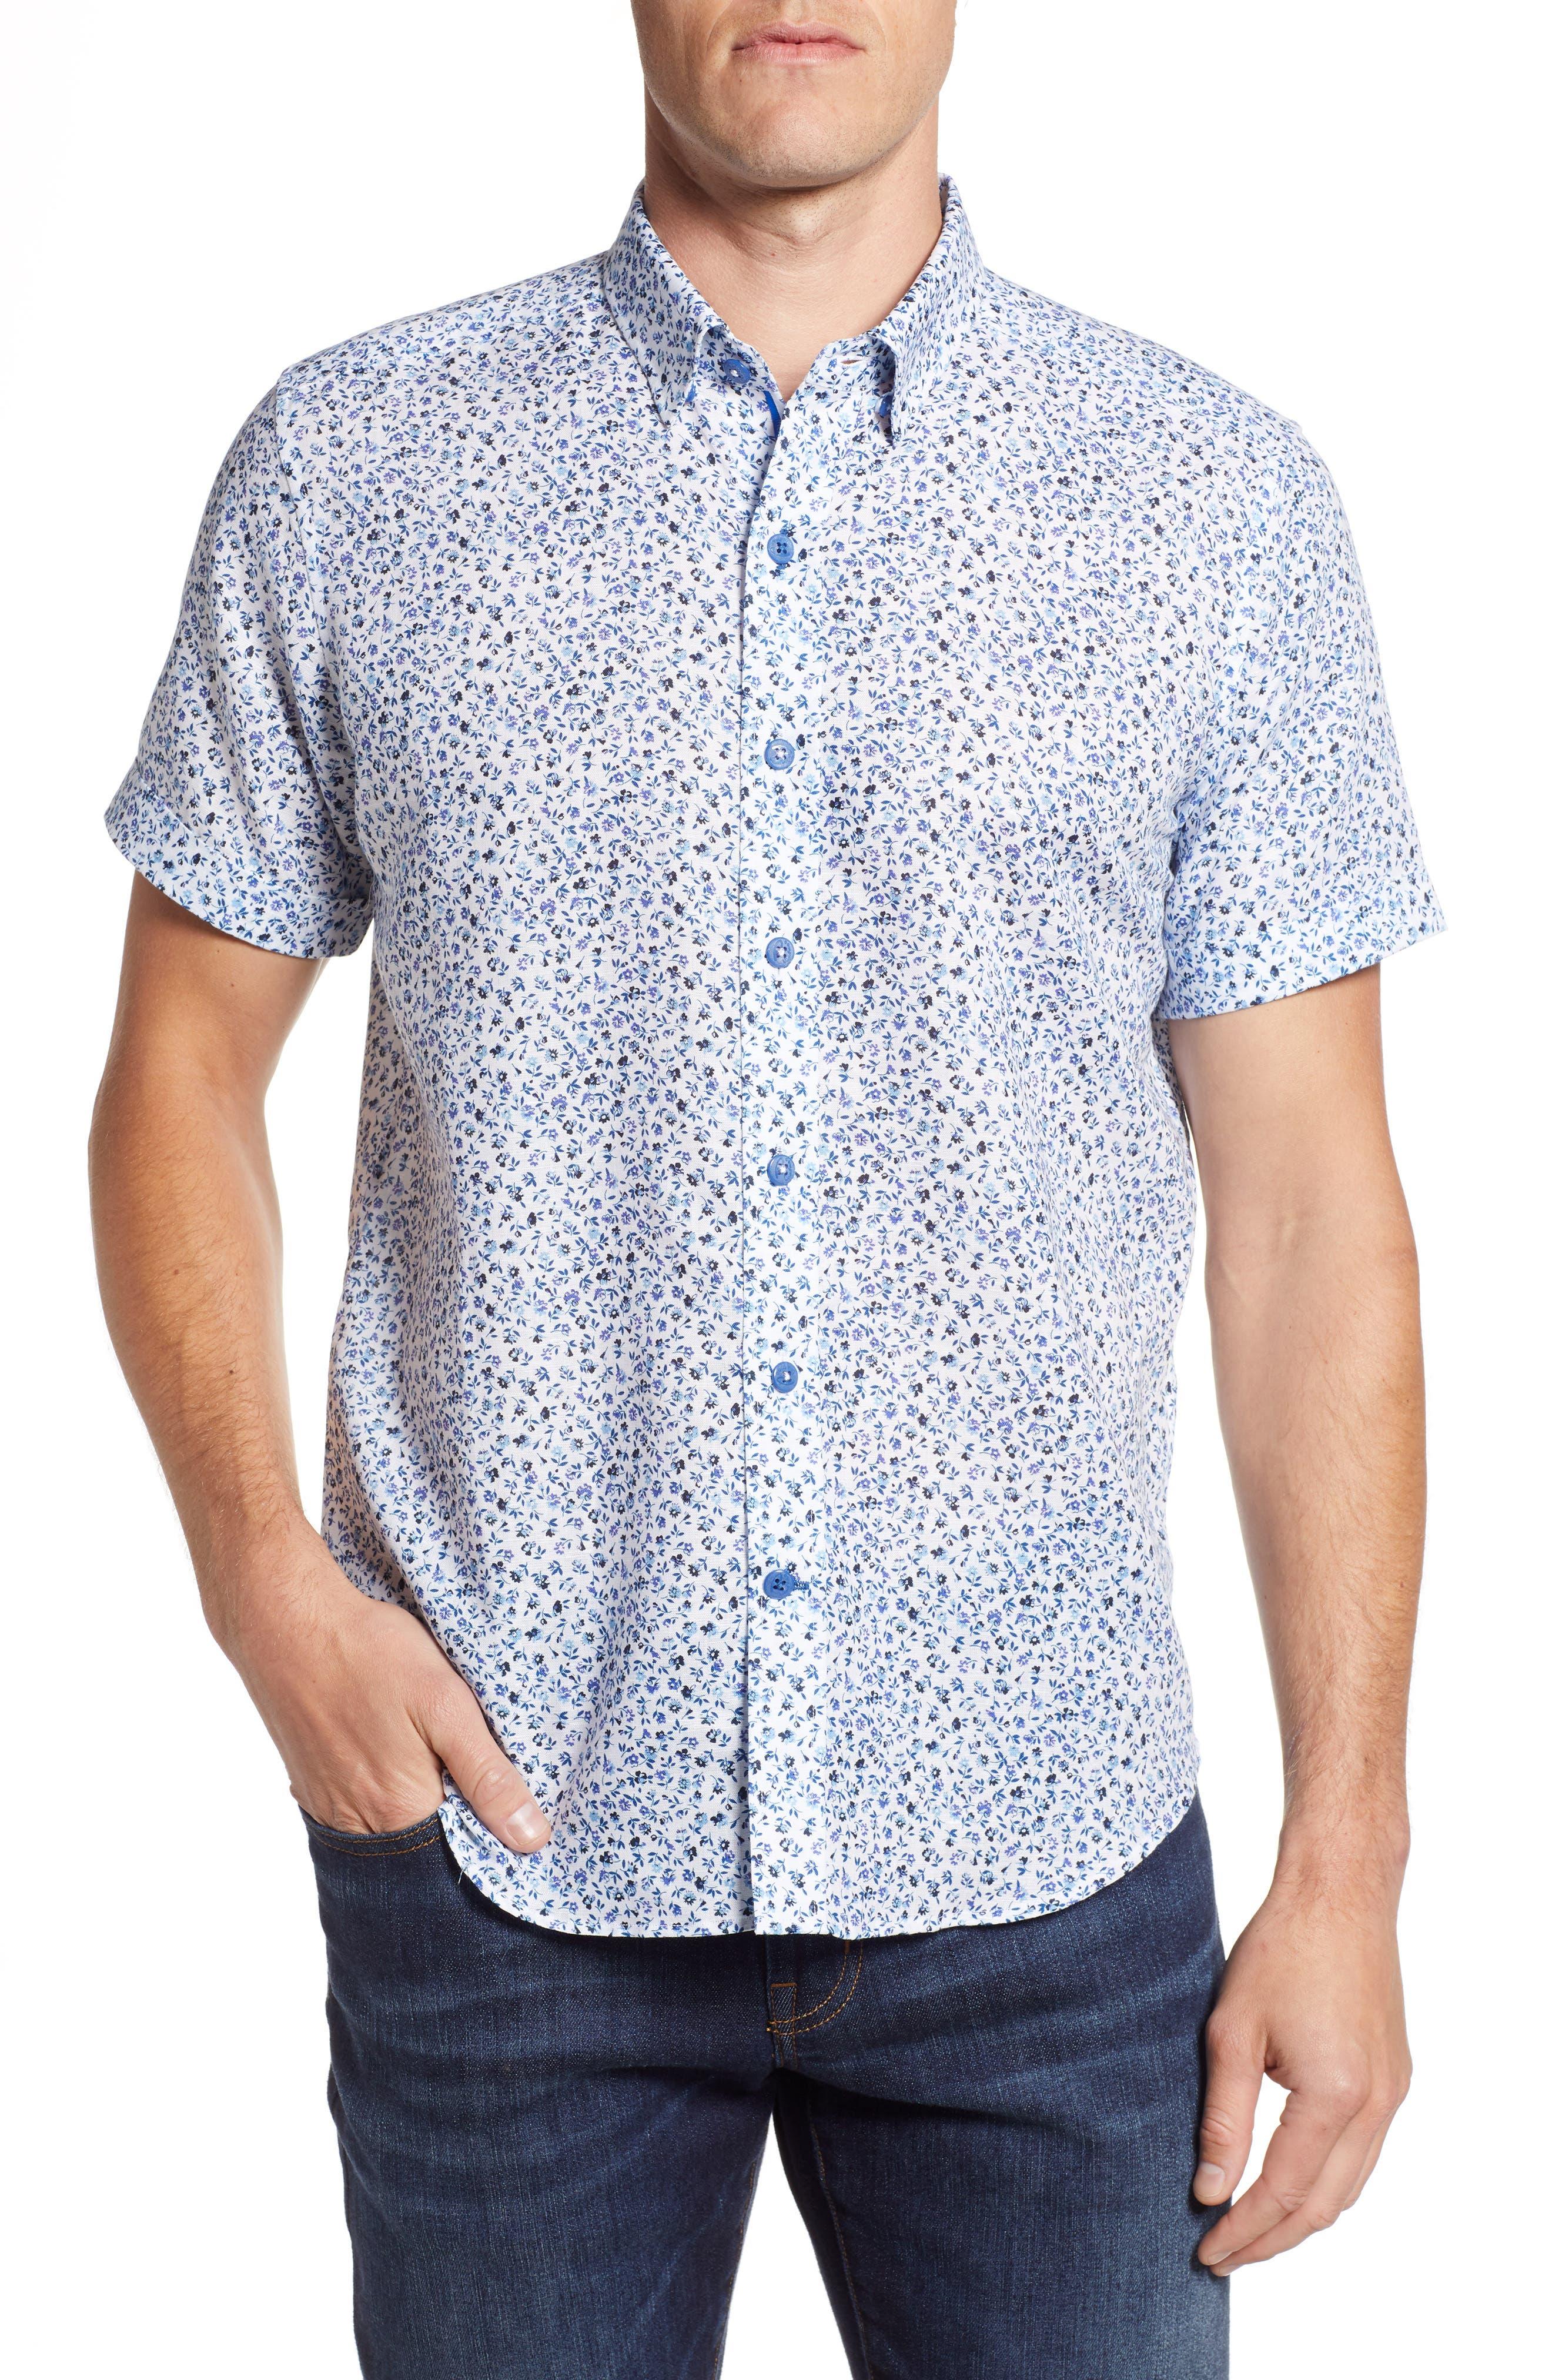 Patrick Floral Linen Blend Sport Shirt,                             Main thumbnail 1, color,                             400